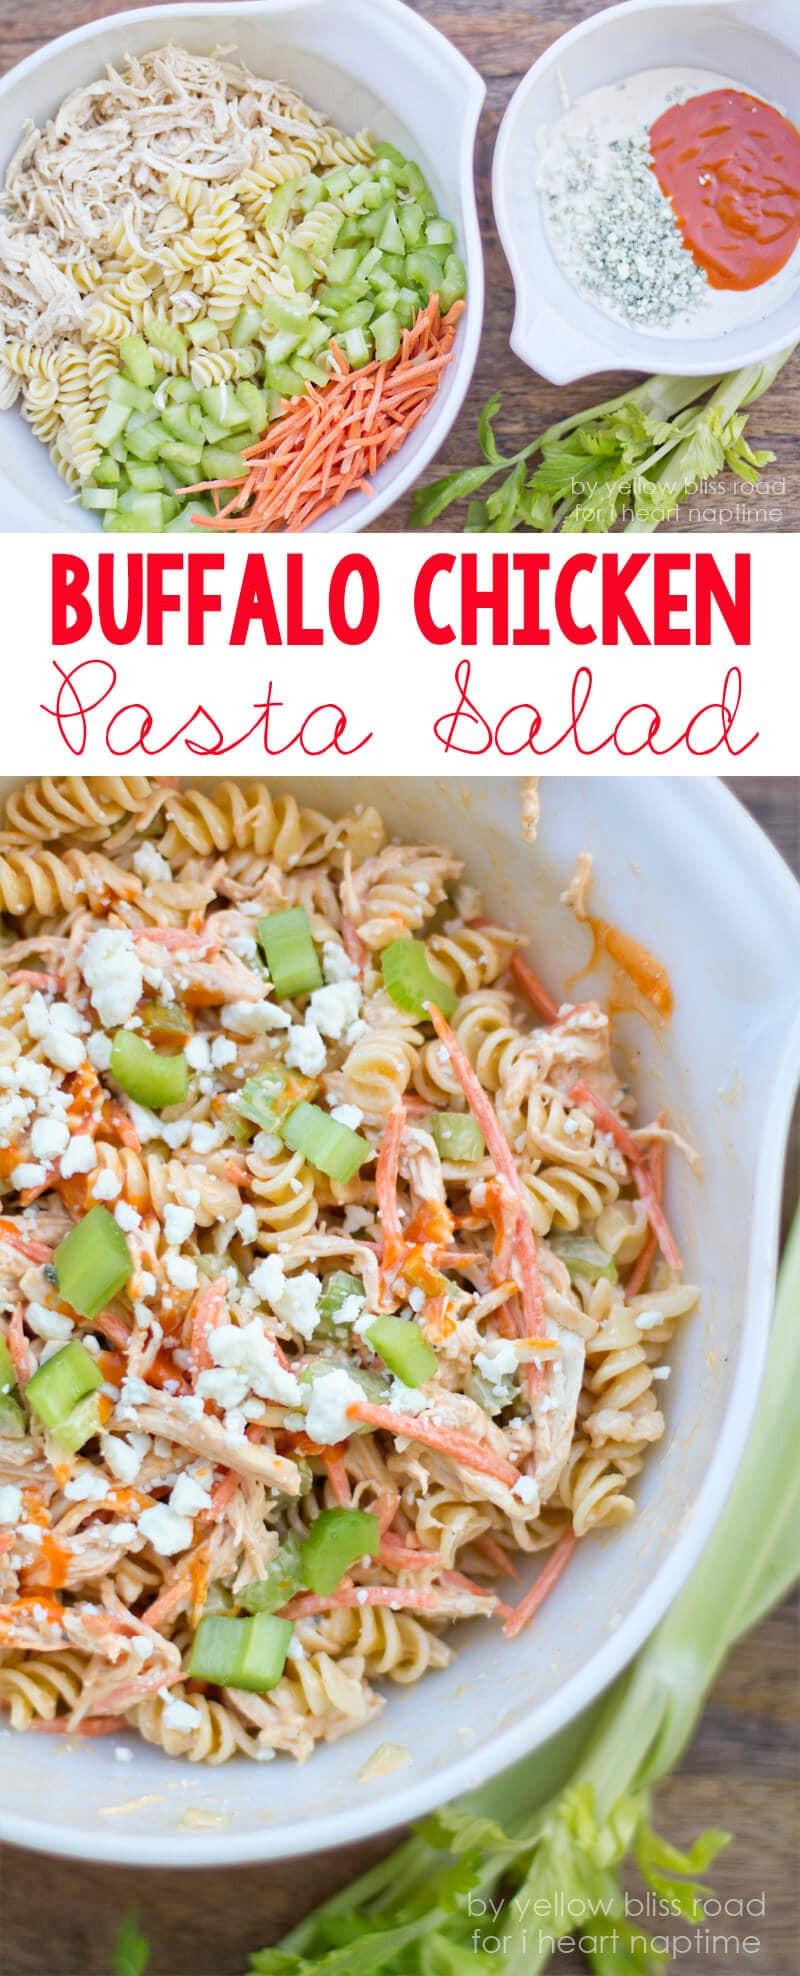 Healthy Buffalo Chicken Salad  healthy buffalo chicken pasta salad